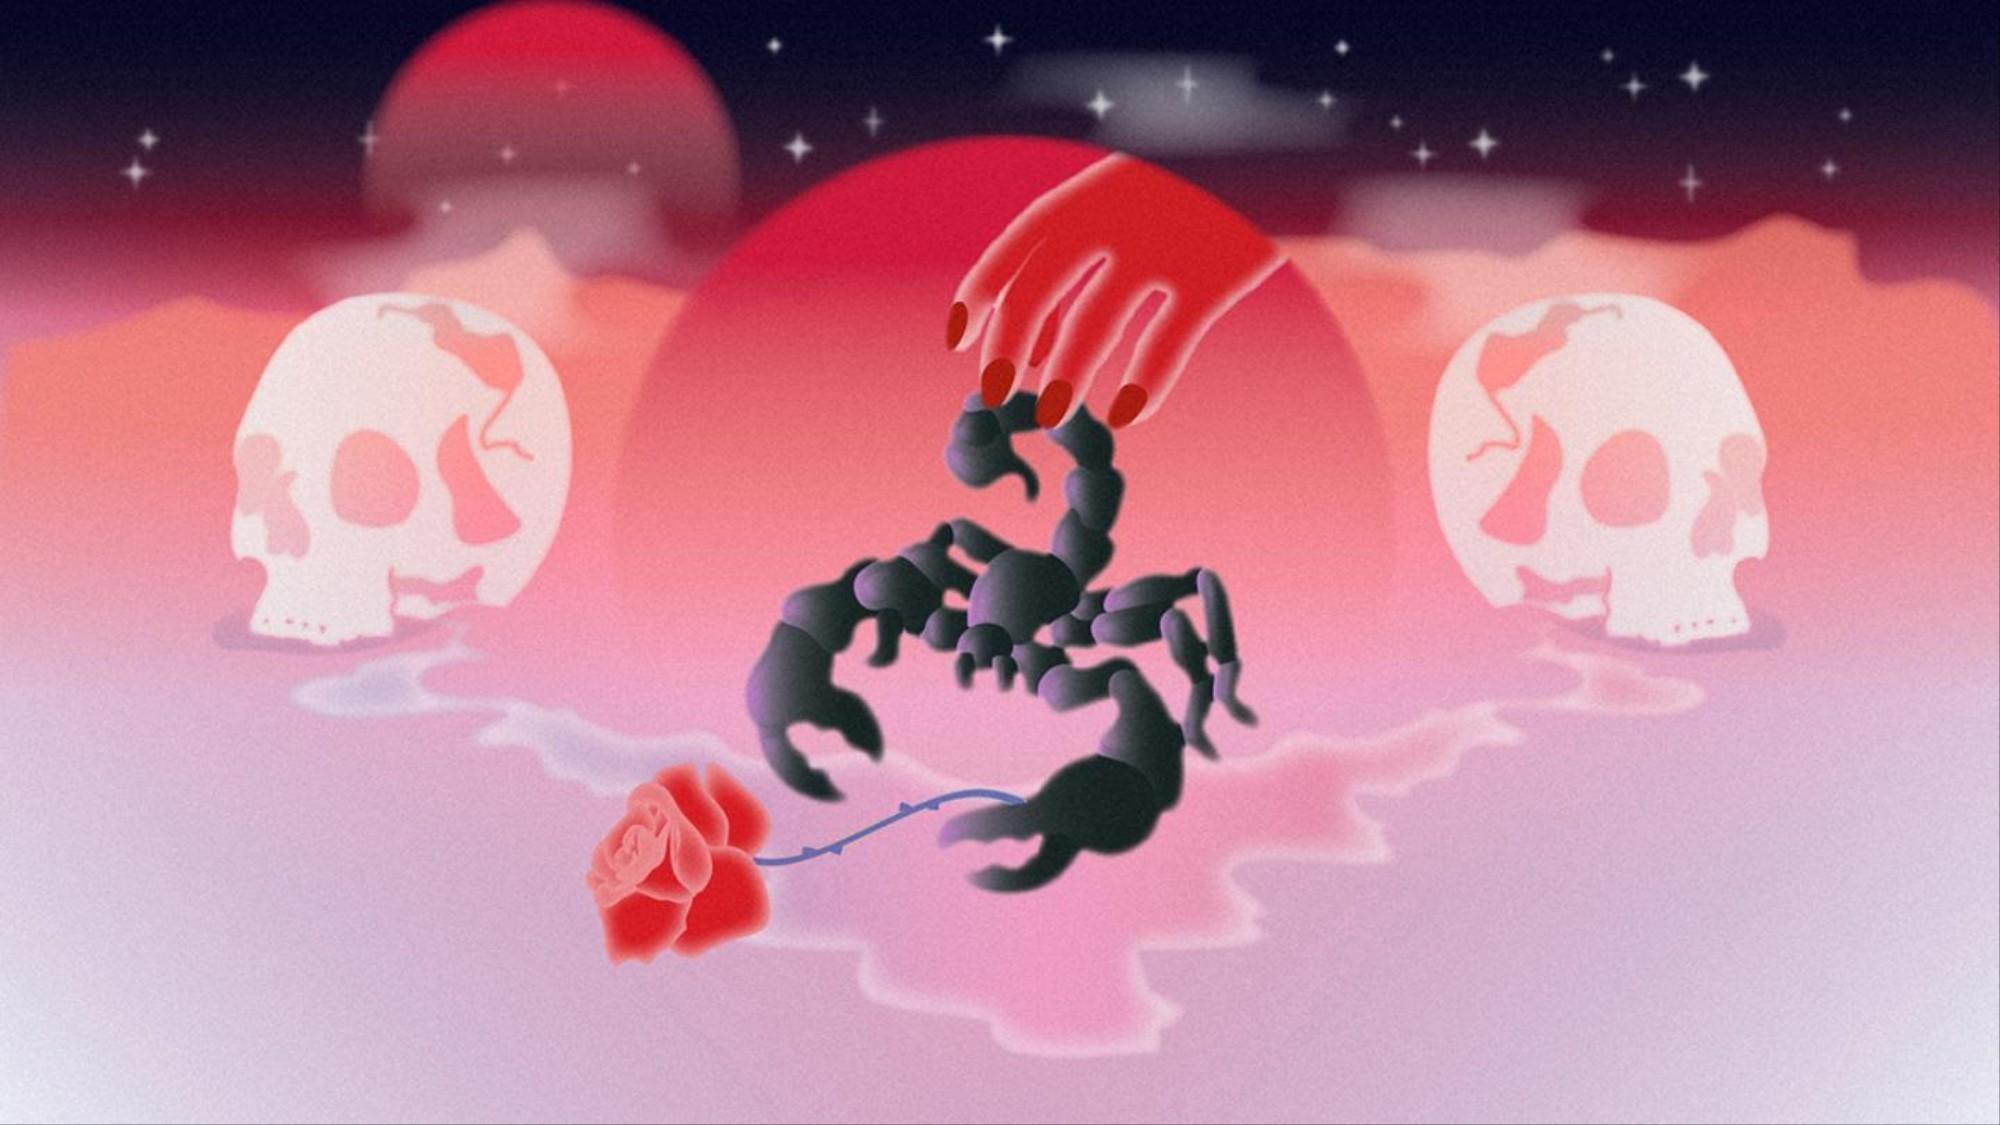 Monthly Horoscope: Scorpio, September 2018 - VICE